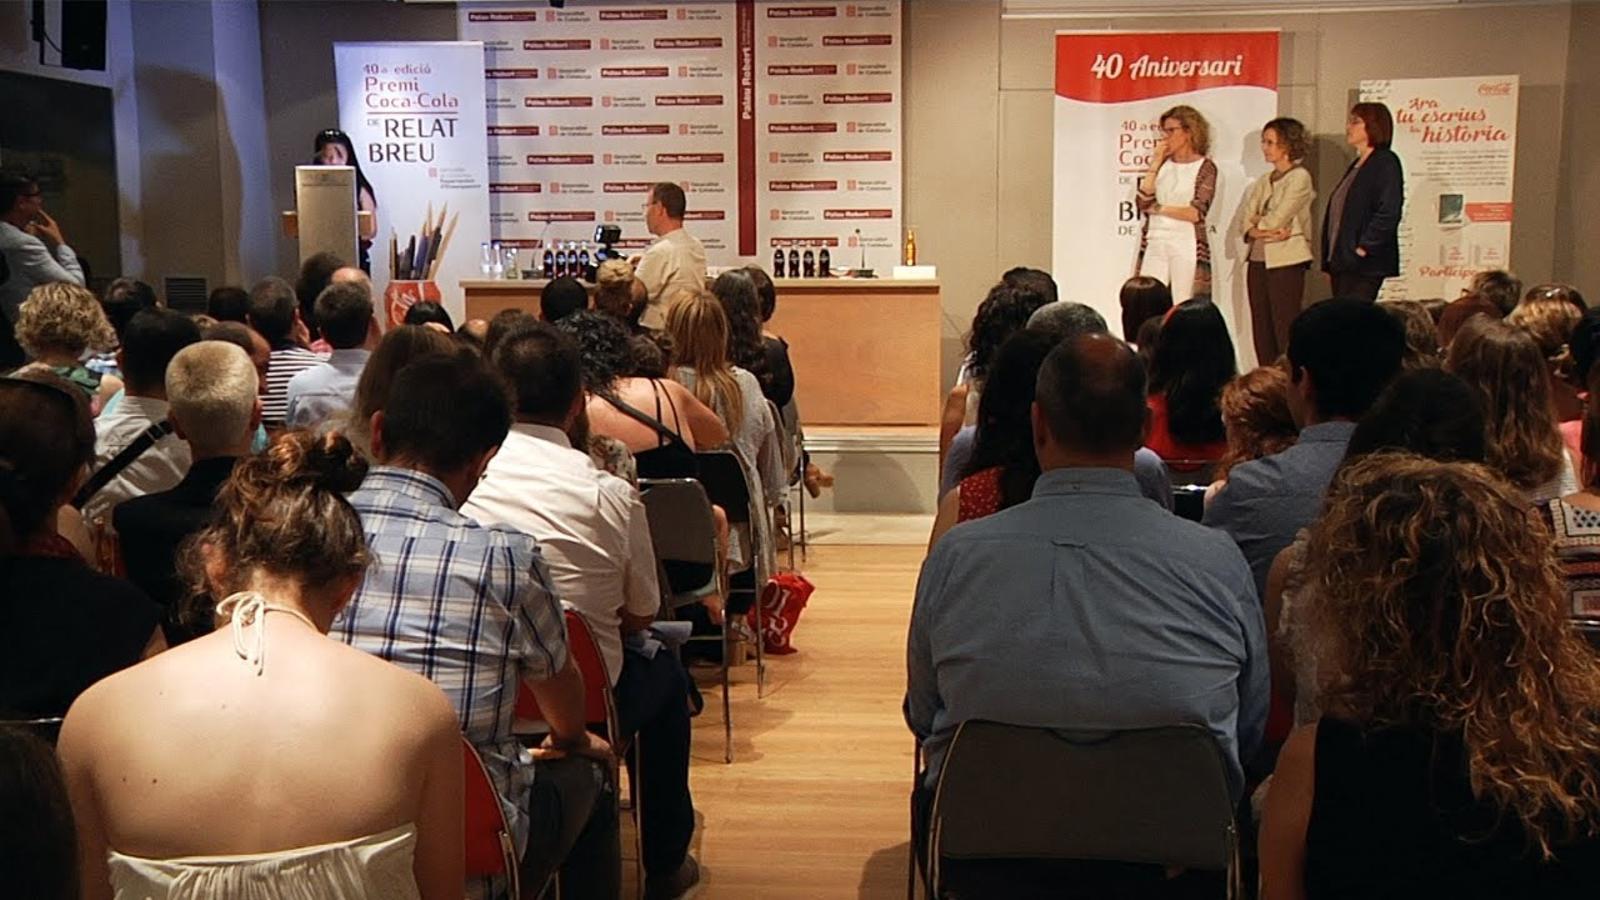 La 40a edició del premi Relat Breu de Coca-Cola ja té guanyadora